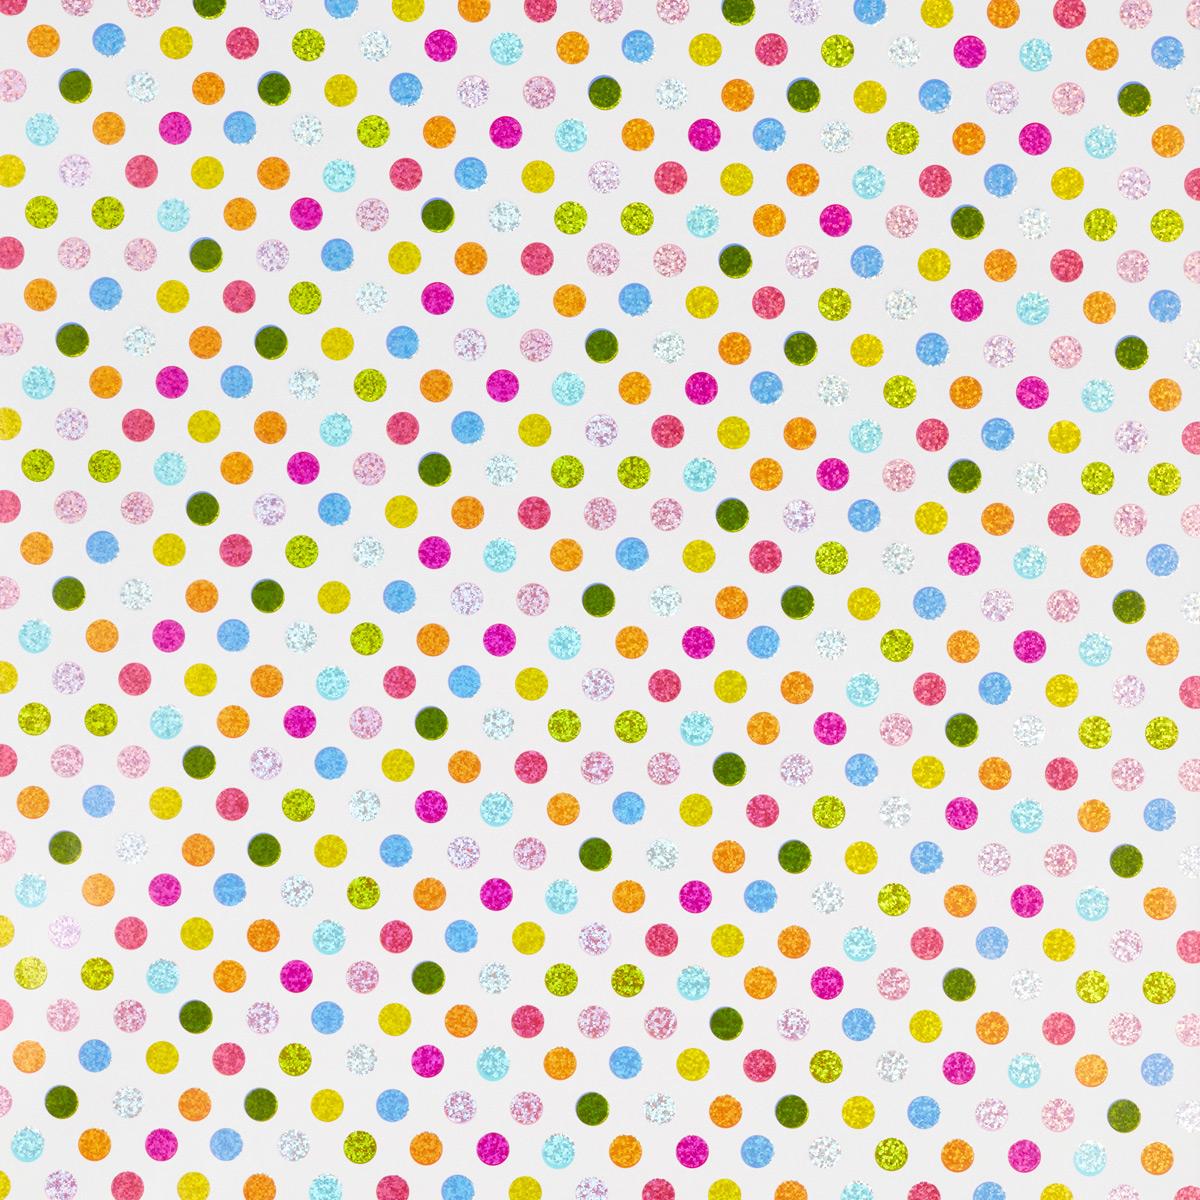 Wrap Prismatic Pop Dots